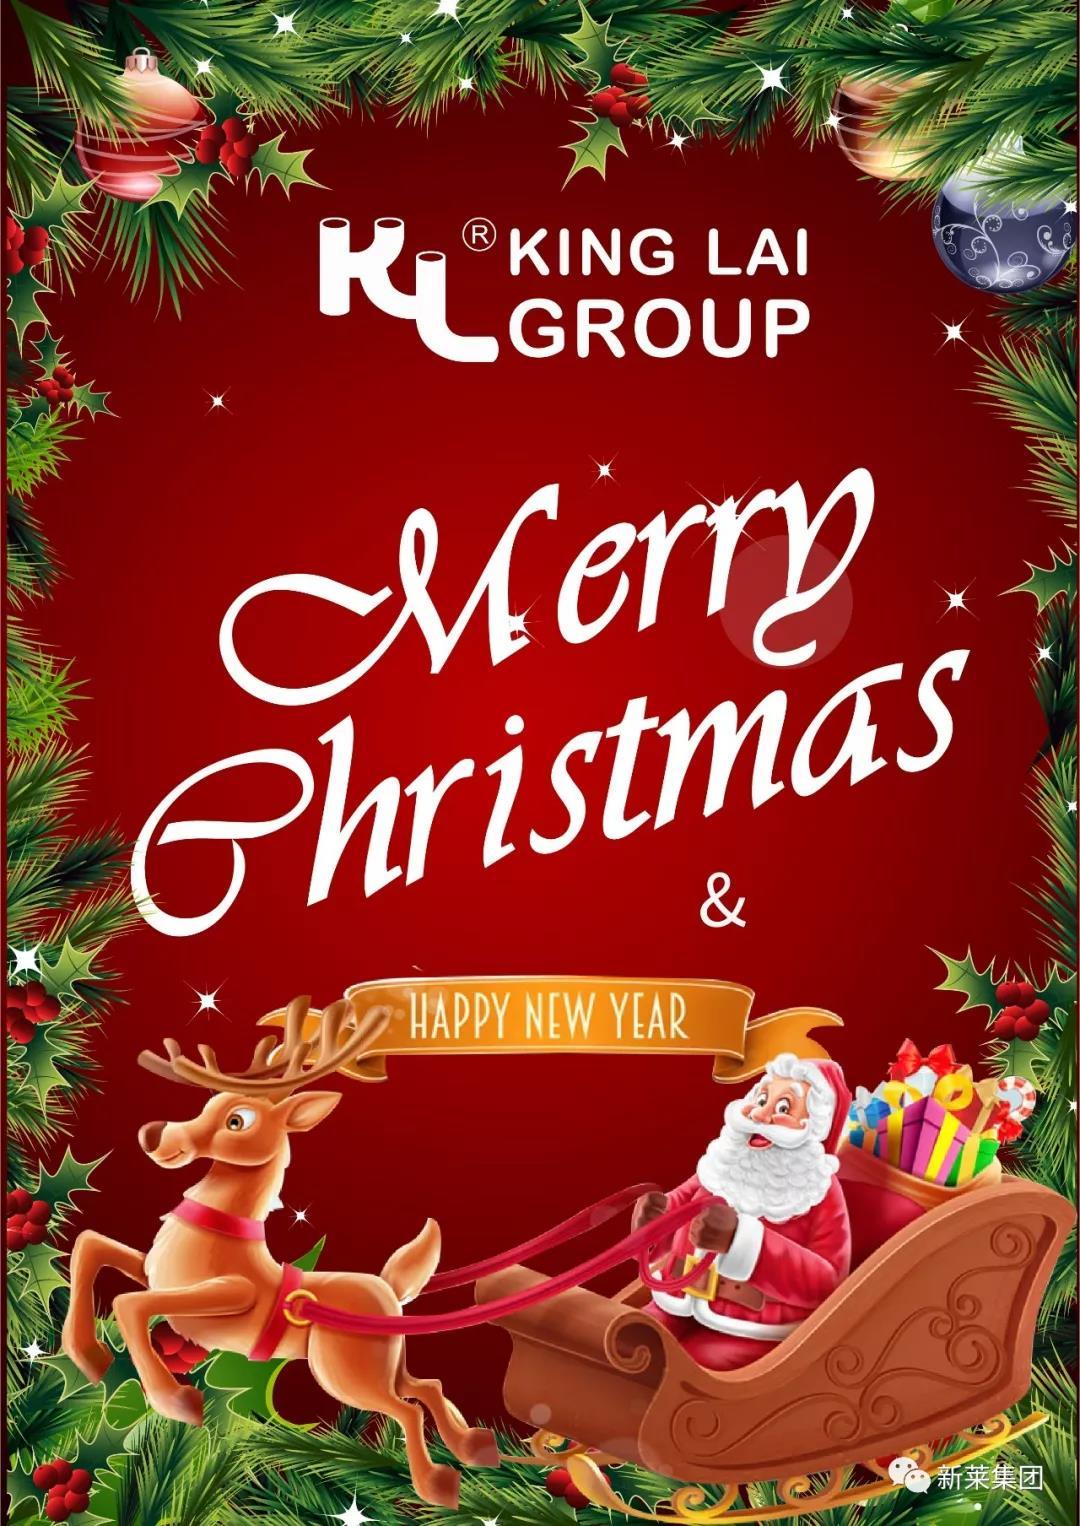 新萊集團祝大家圣誕節快樂!